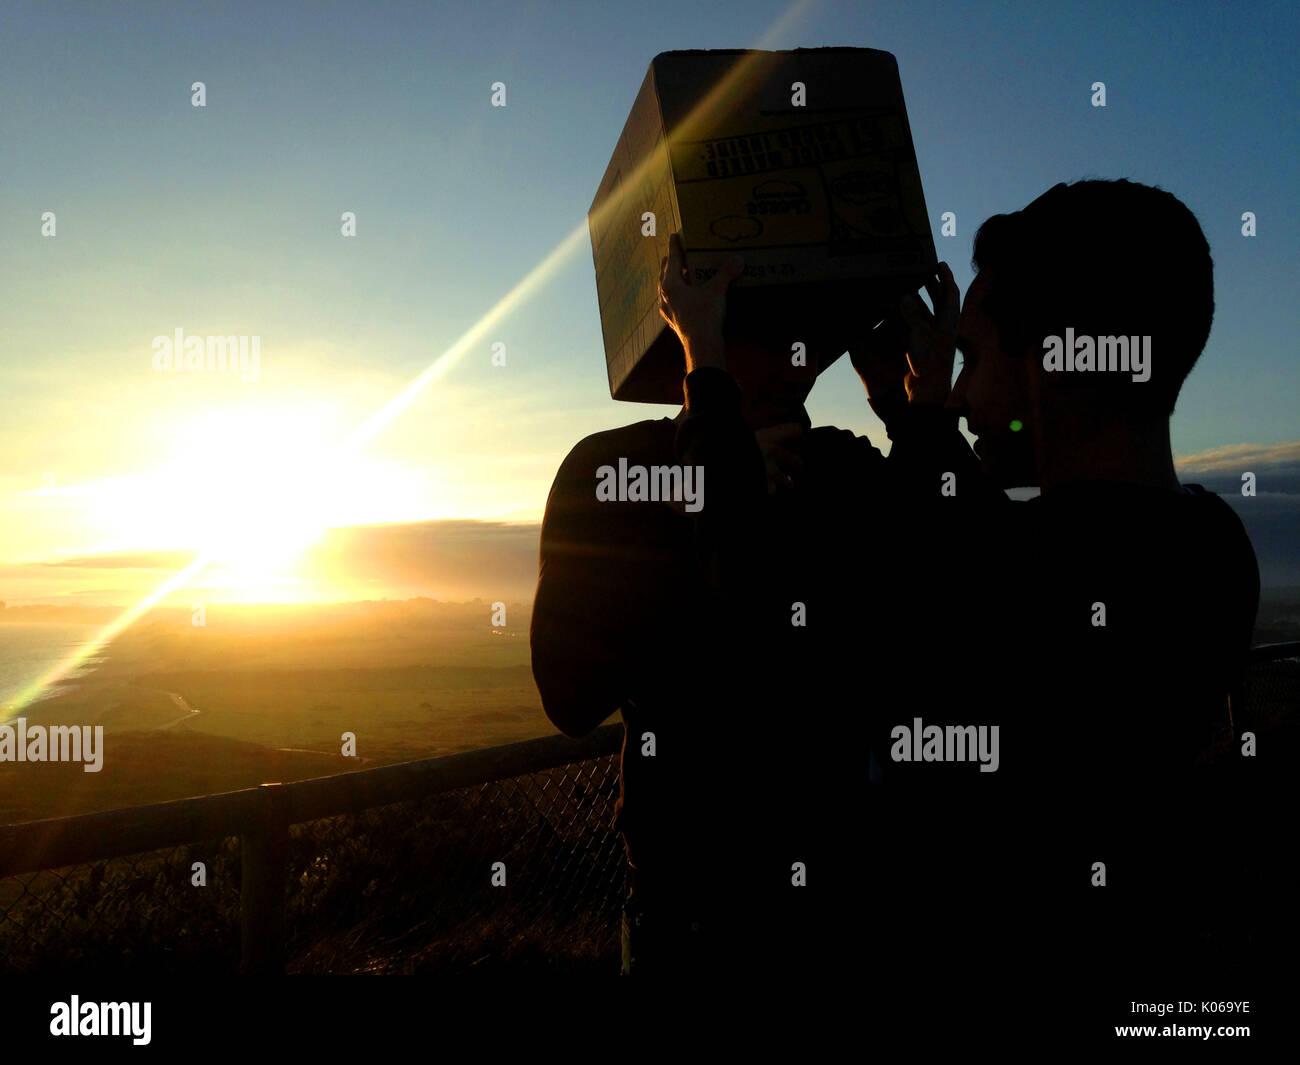 Christchurch, Dorset, UK, 21 août 2017. Affichage de l'éclipse solaire partielle à Hengistbury Head avec un sténopé fabriqué à partir d'une boîte en carton. Crédit: John Beasley/Alamy Live News Photo Stock